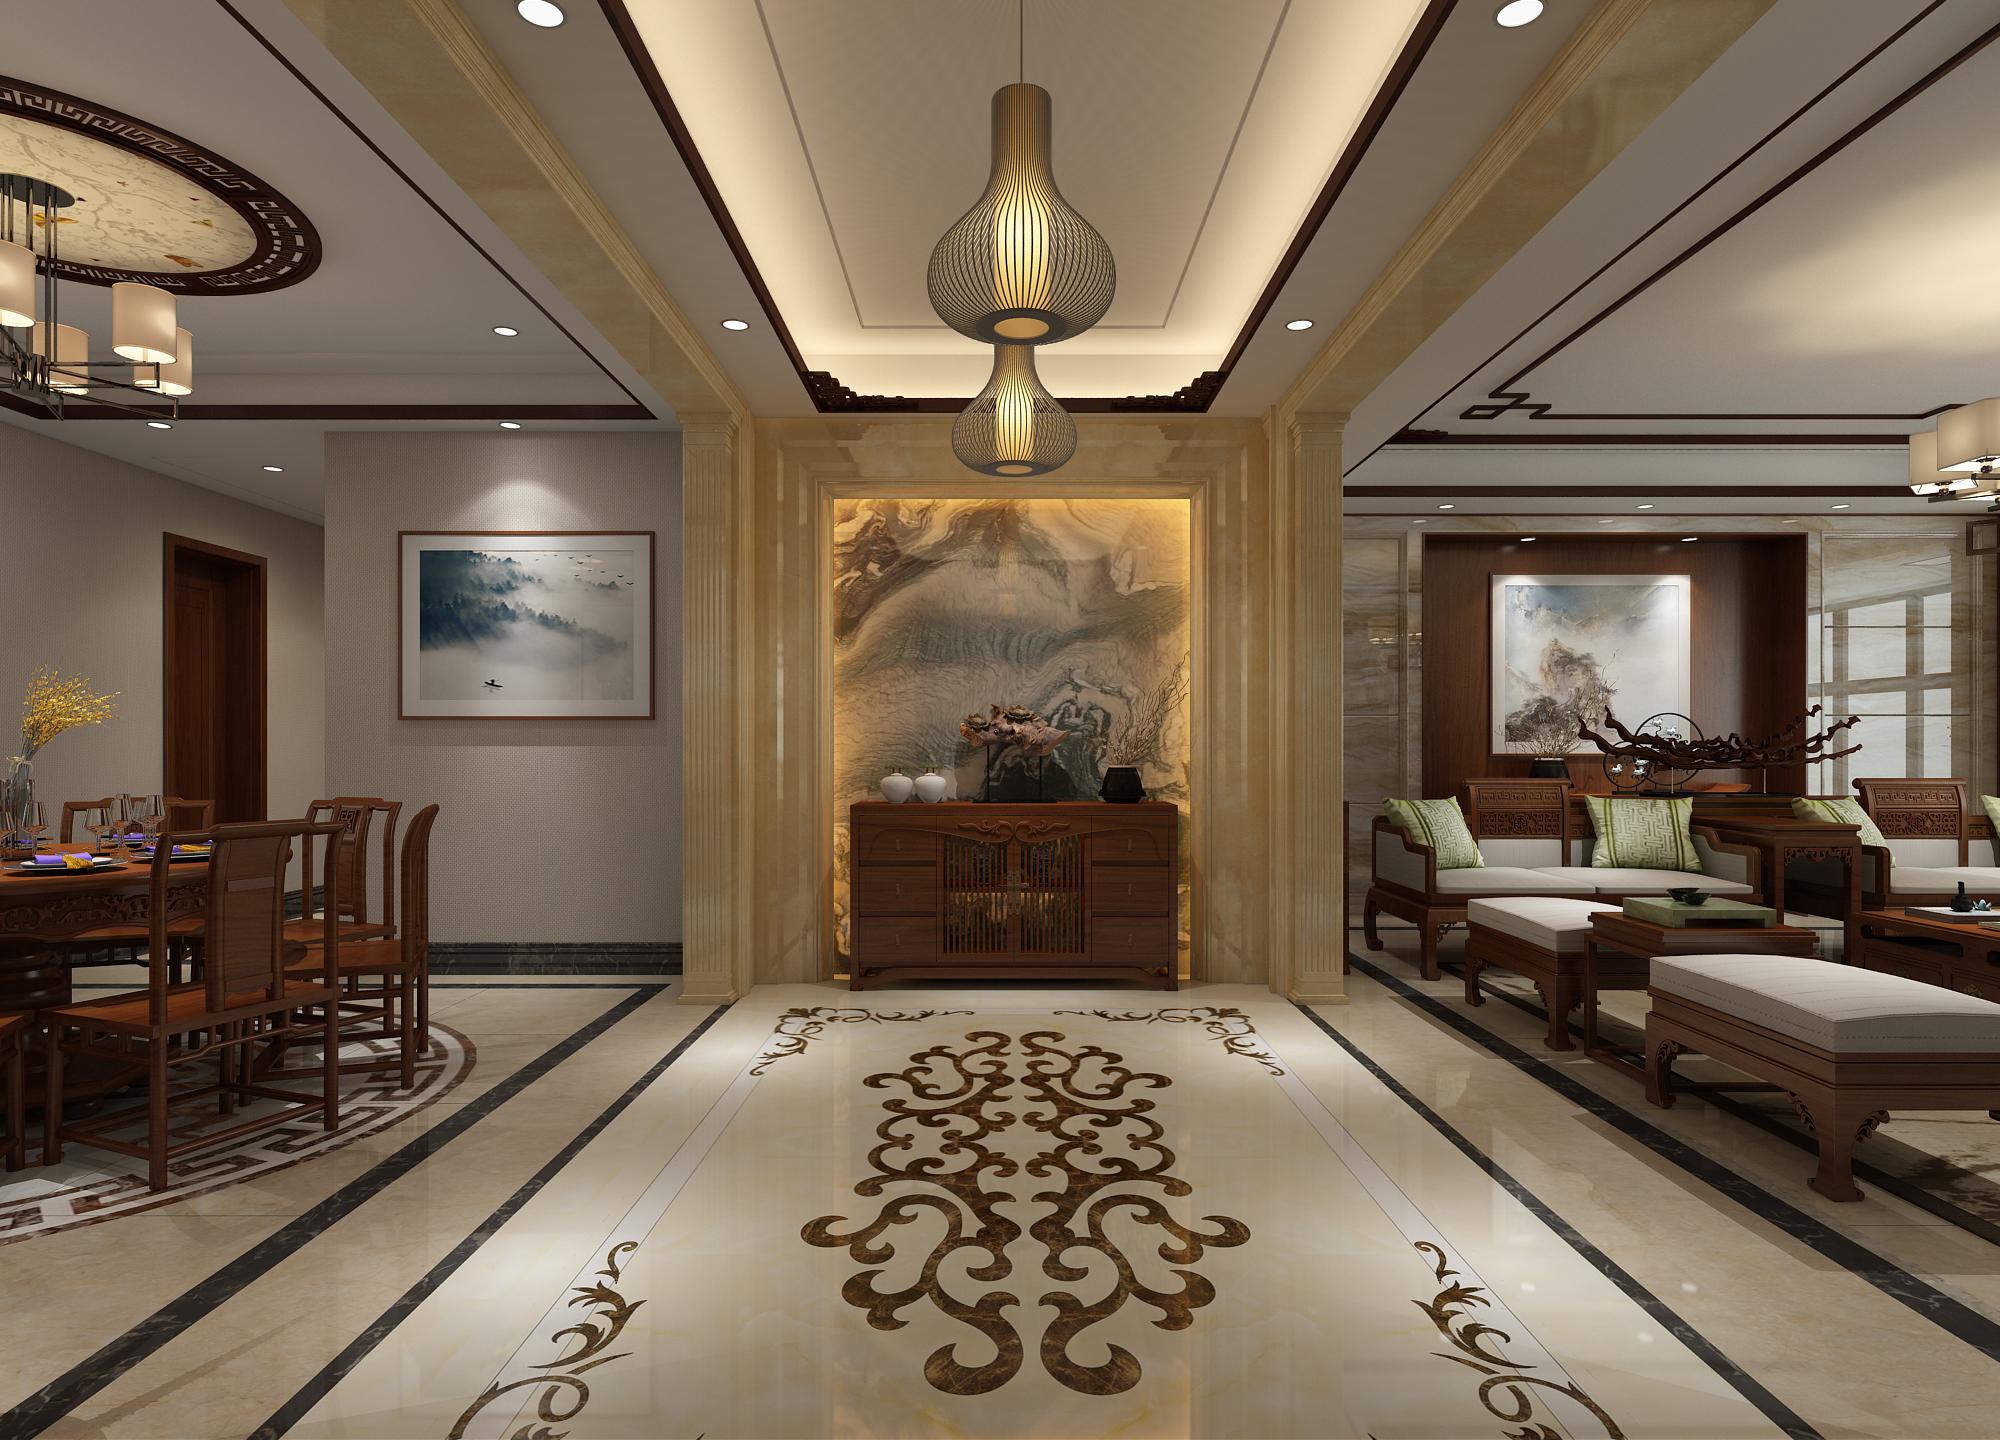 中式混搭风格别墅门厅装修效果图